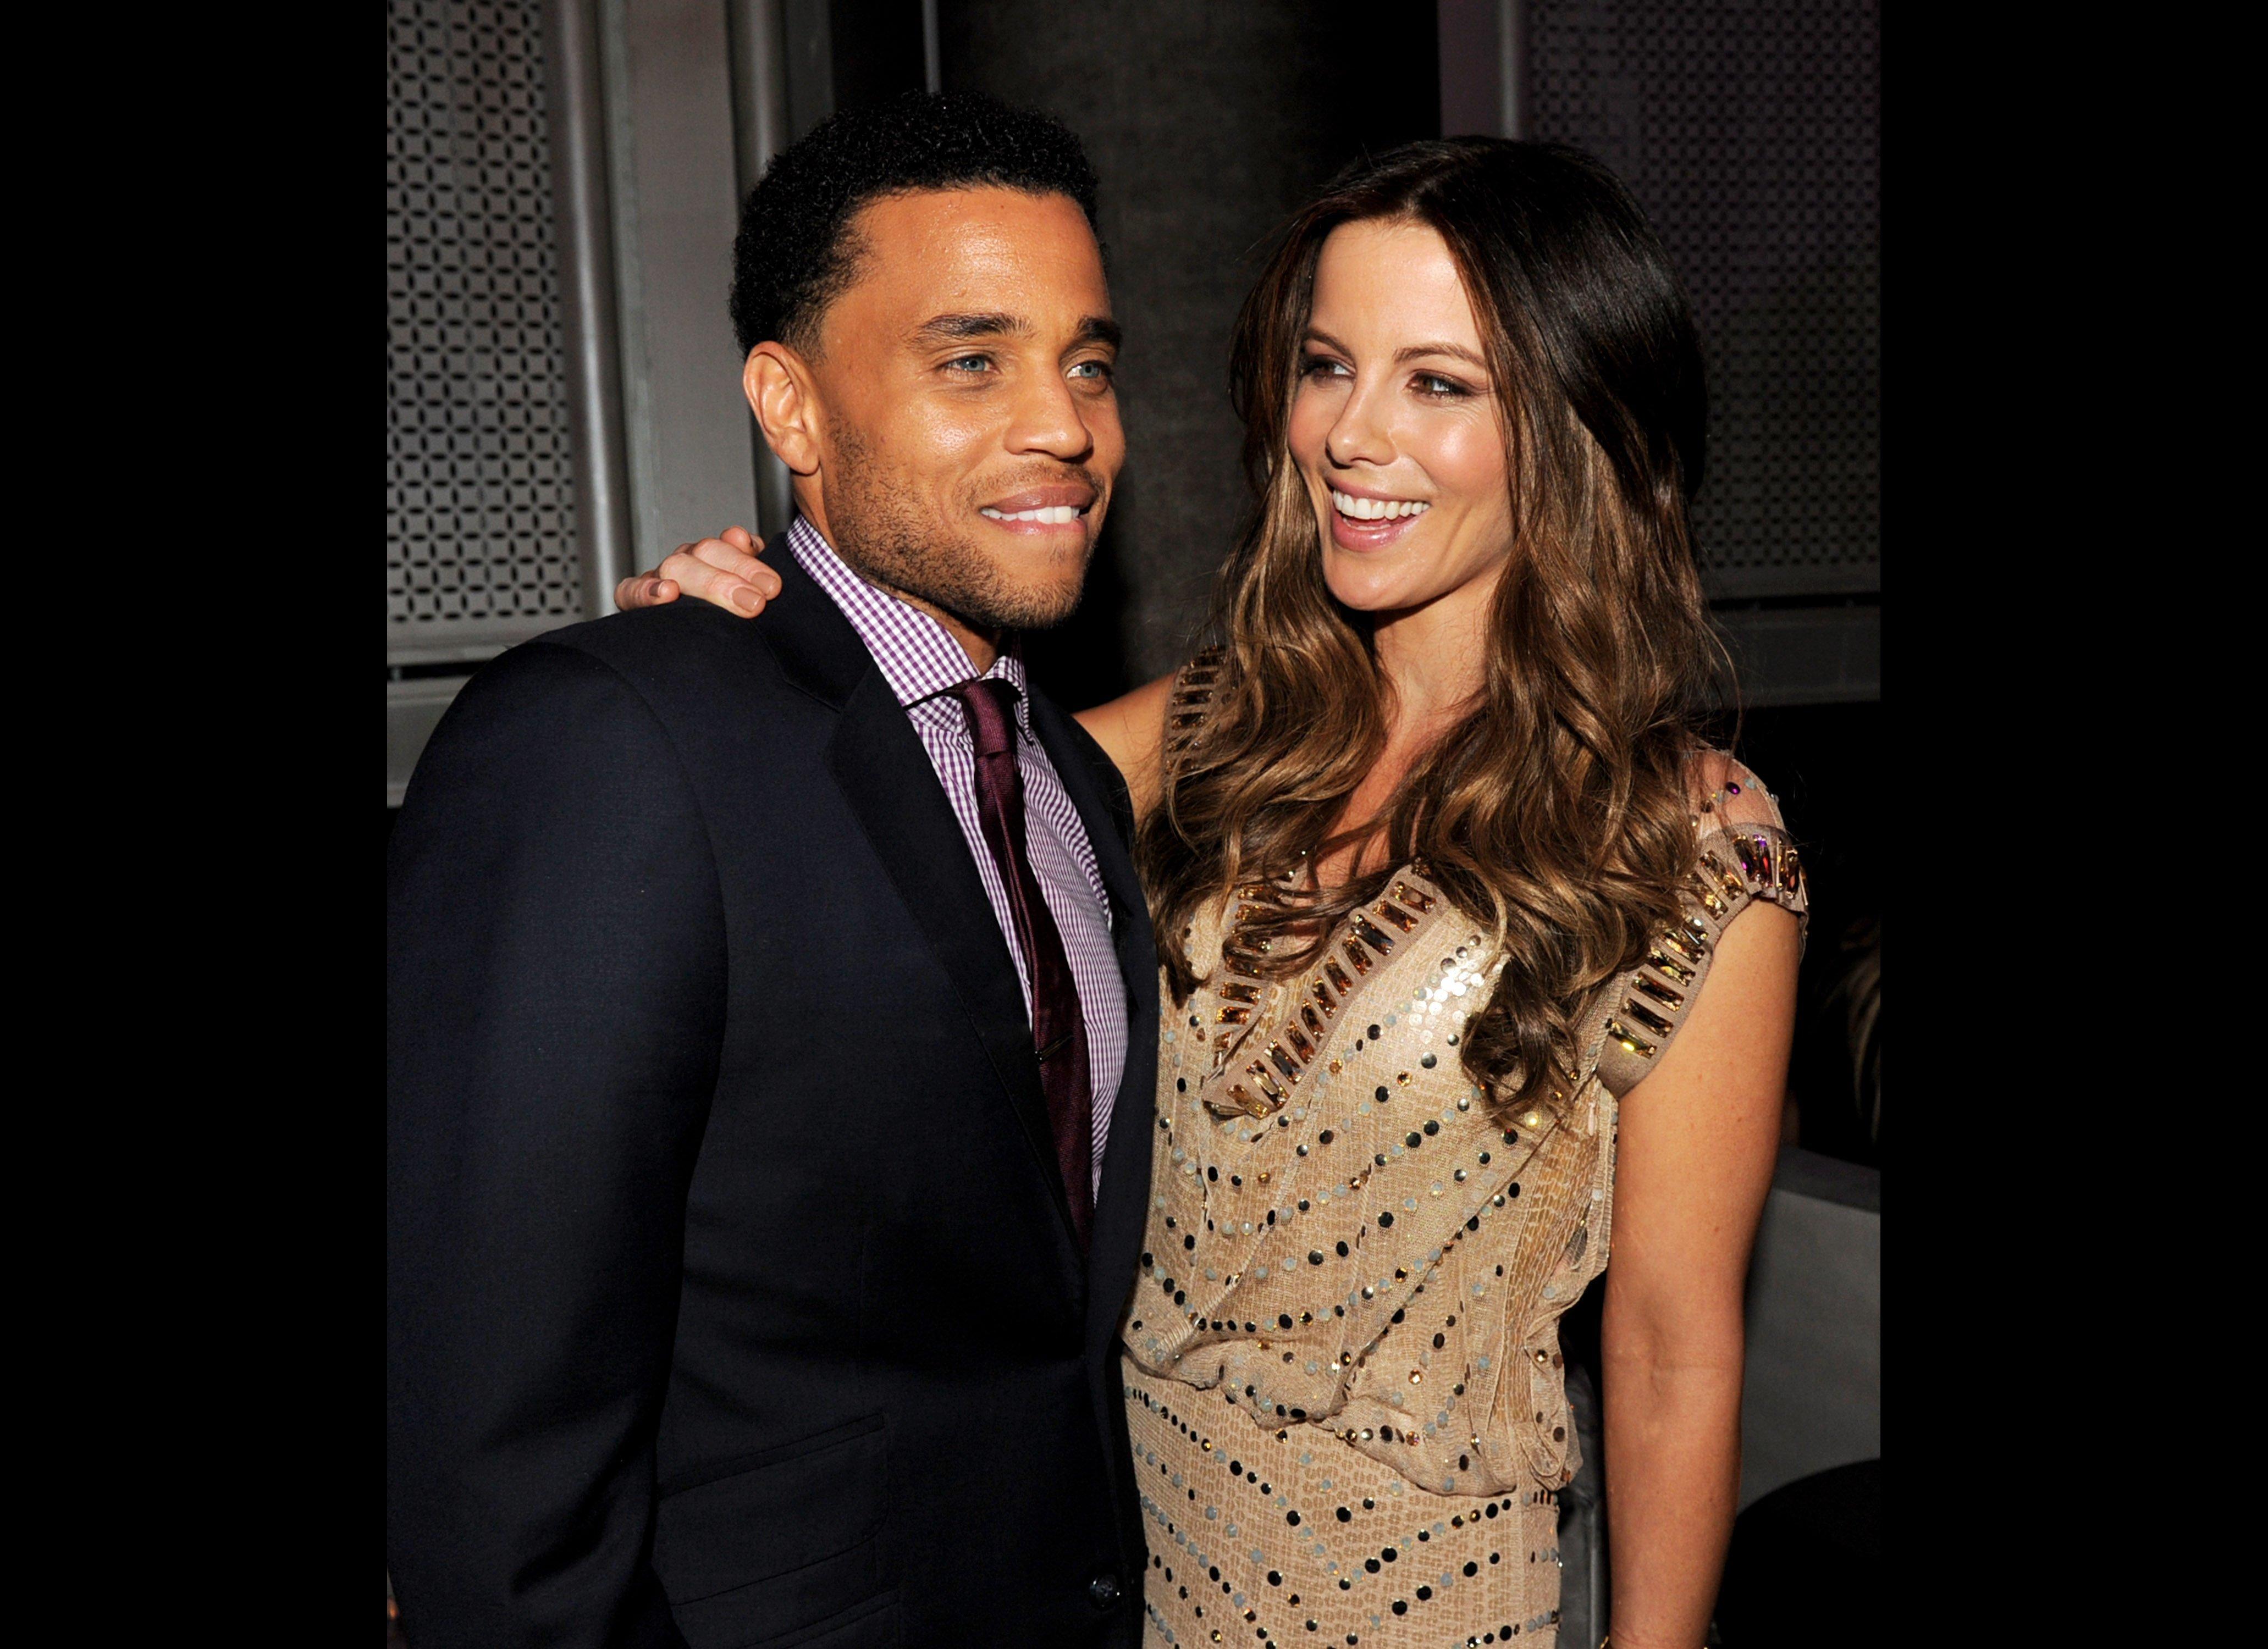 Lauren en Dominic dating